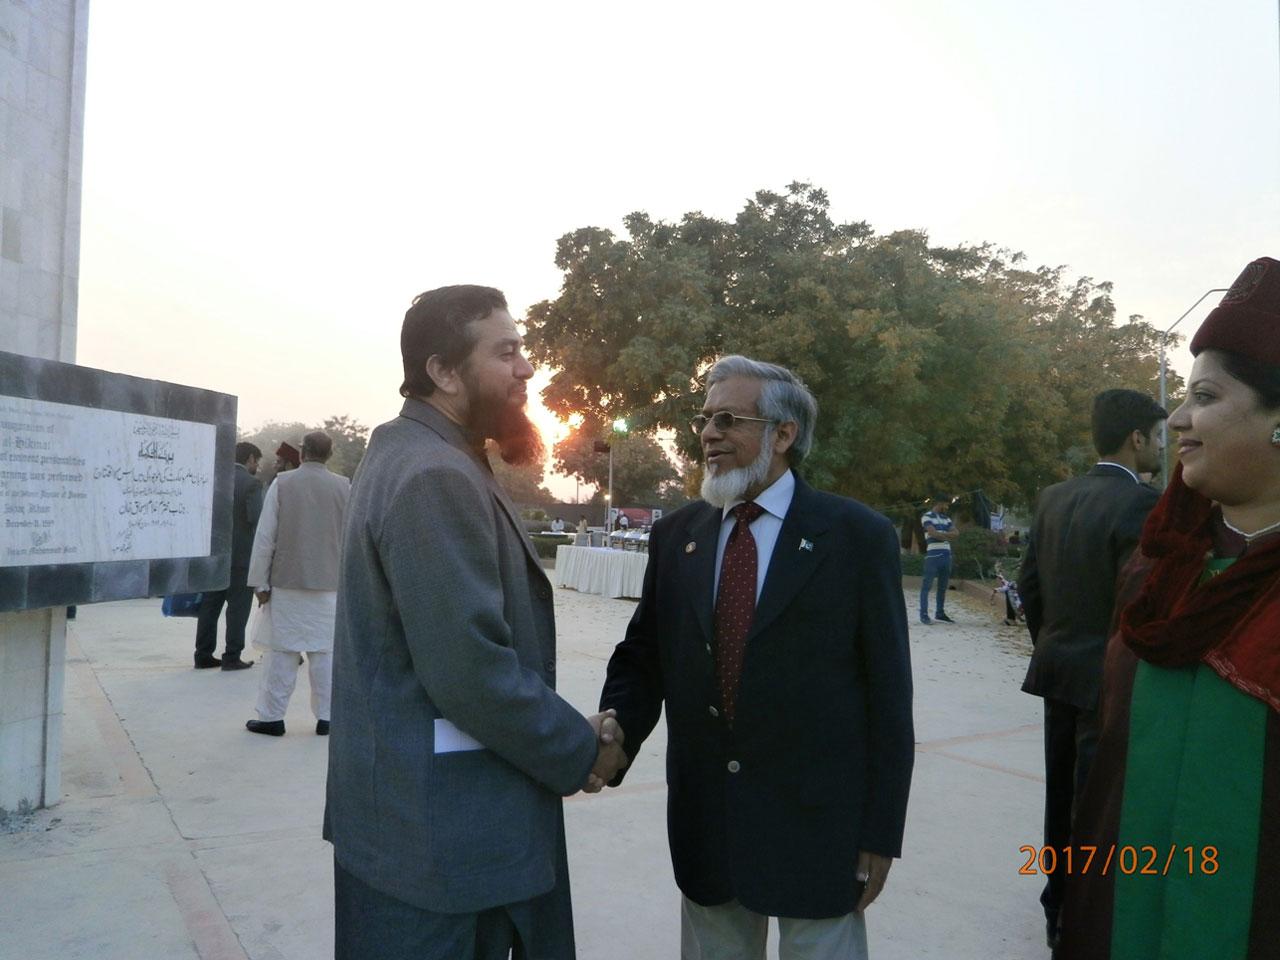 Engr. Iqbal A. Khan meeting Engr. Ayaz Mirza of IEP, KC